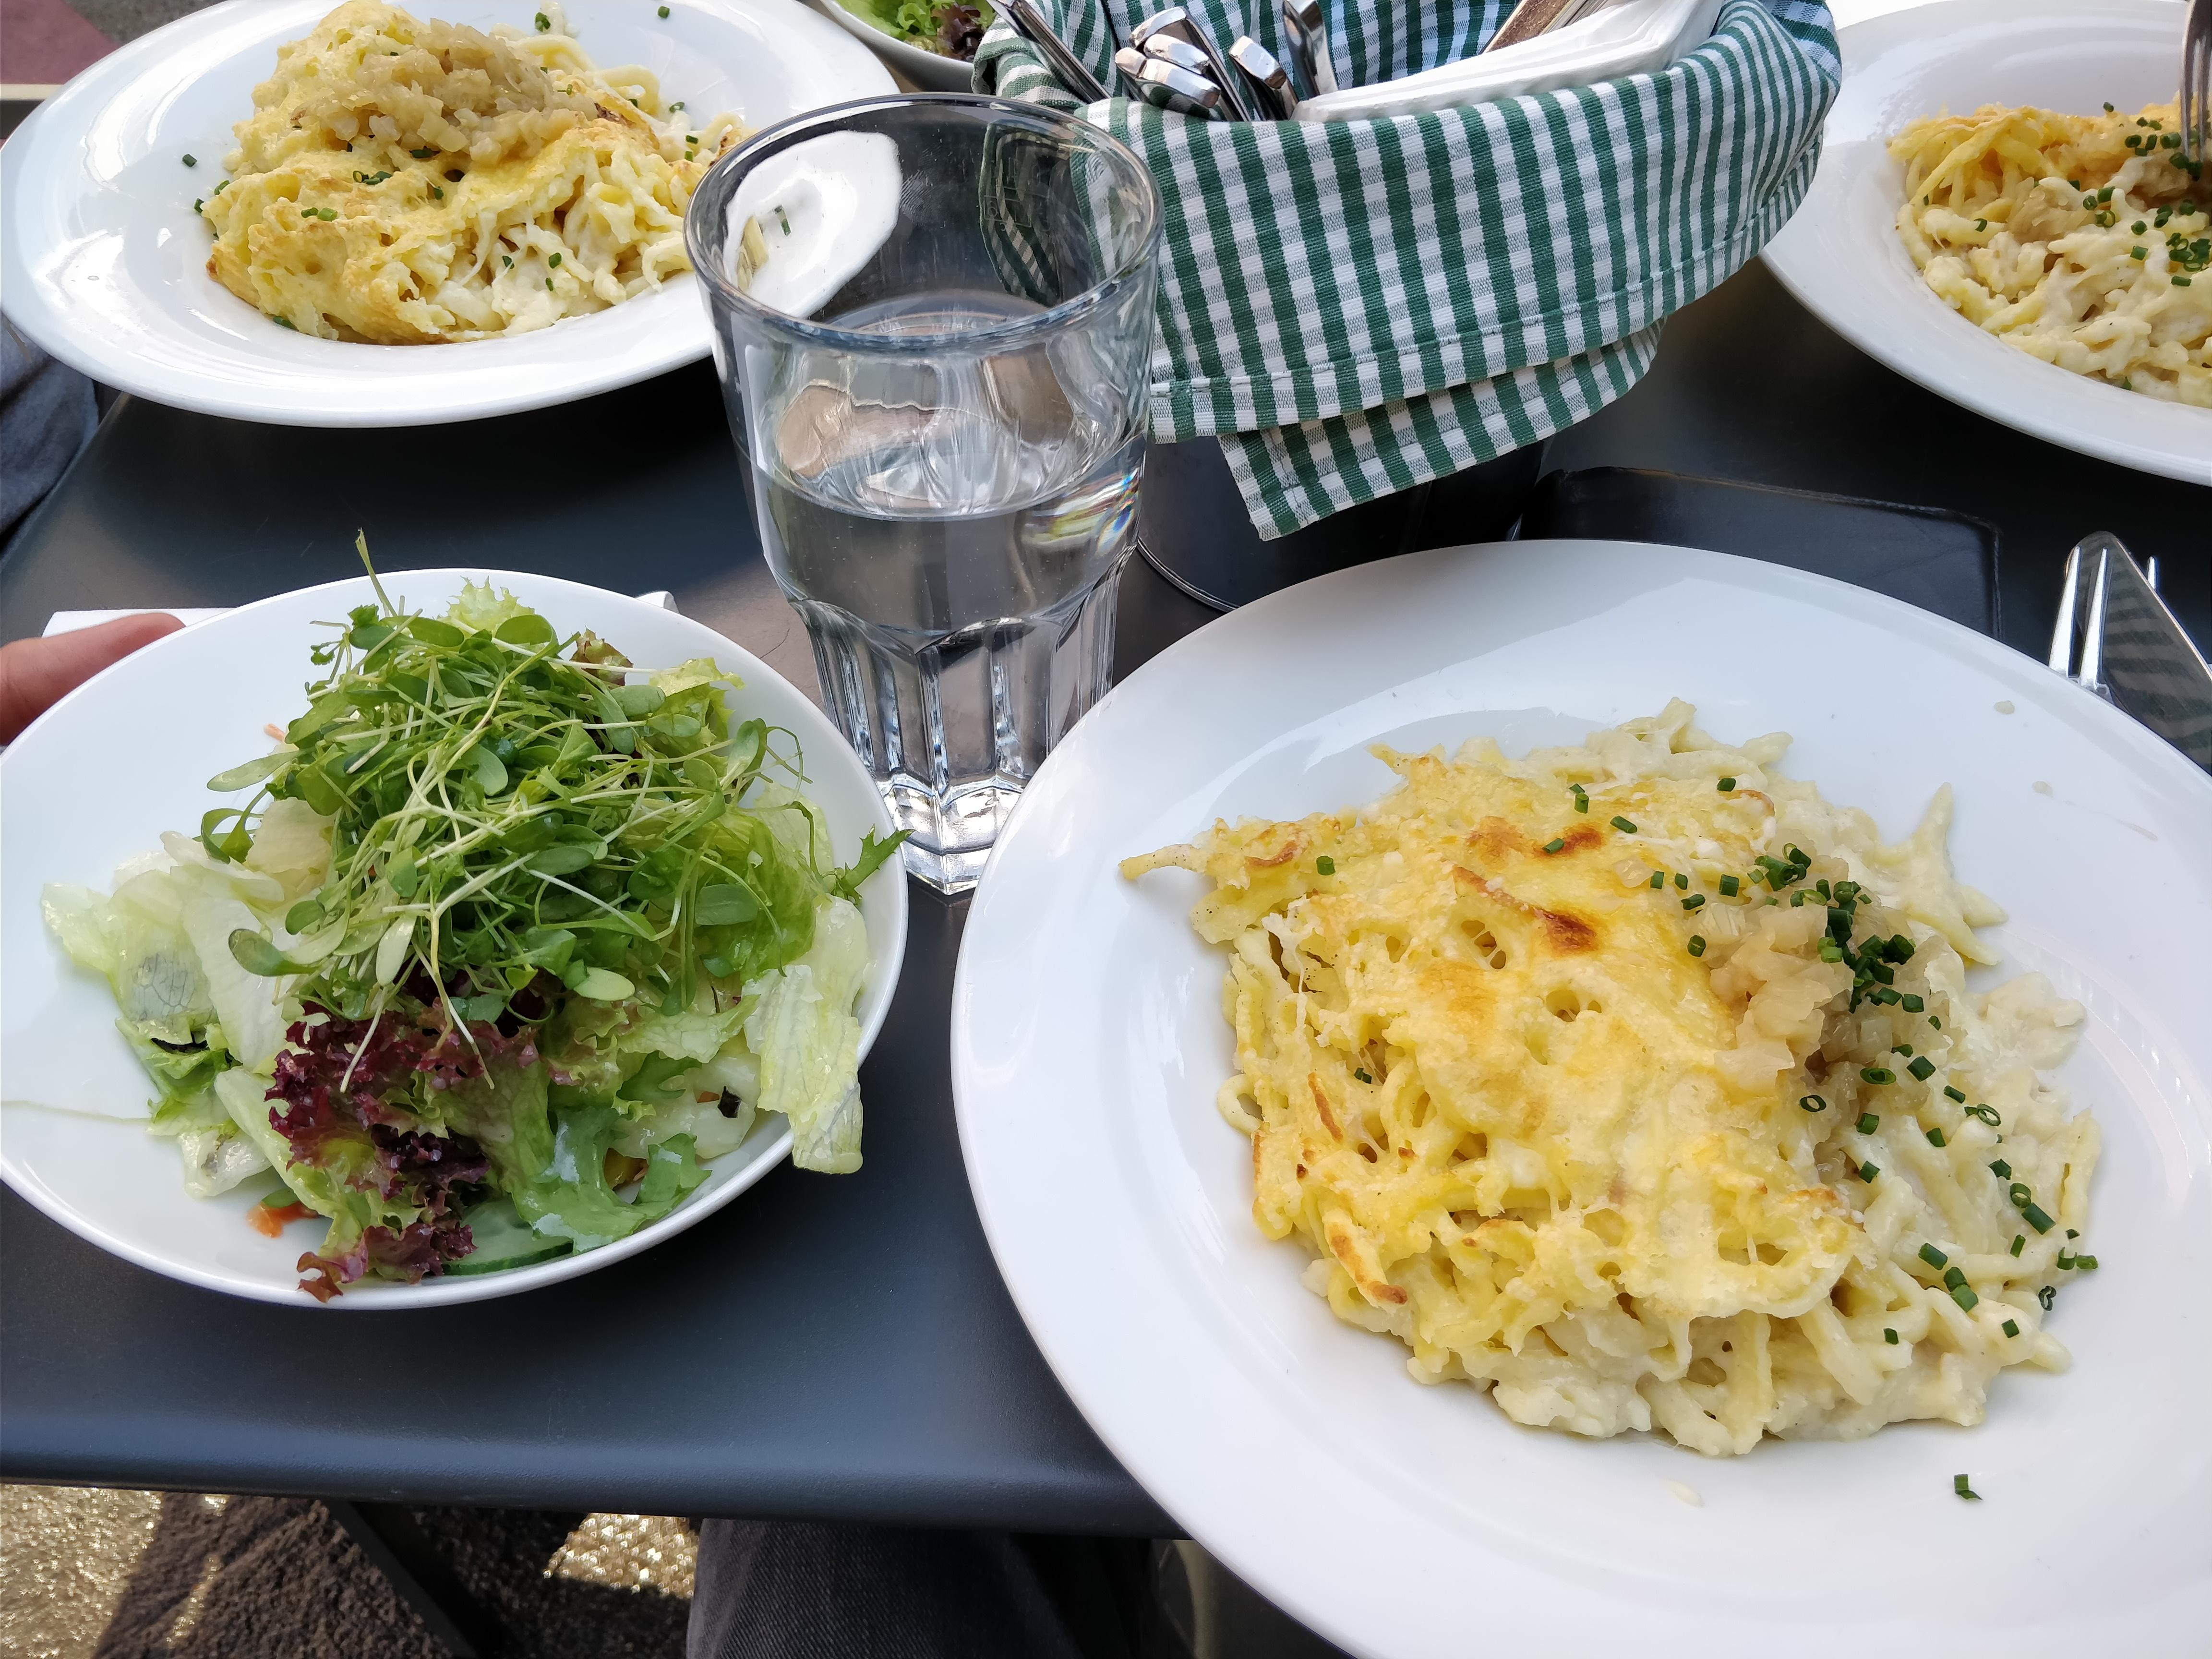 http://foodloader.net/nico_2017-09-05_kaesespaetzle-und-salat.jpg